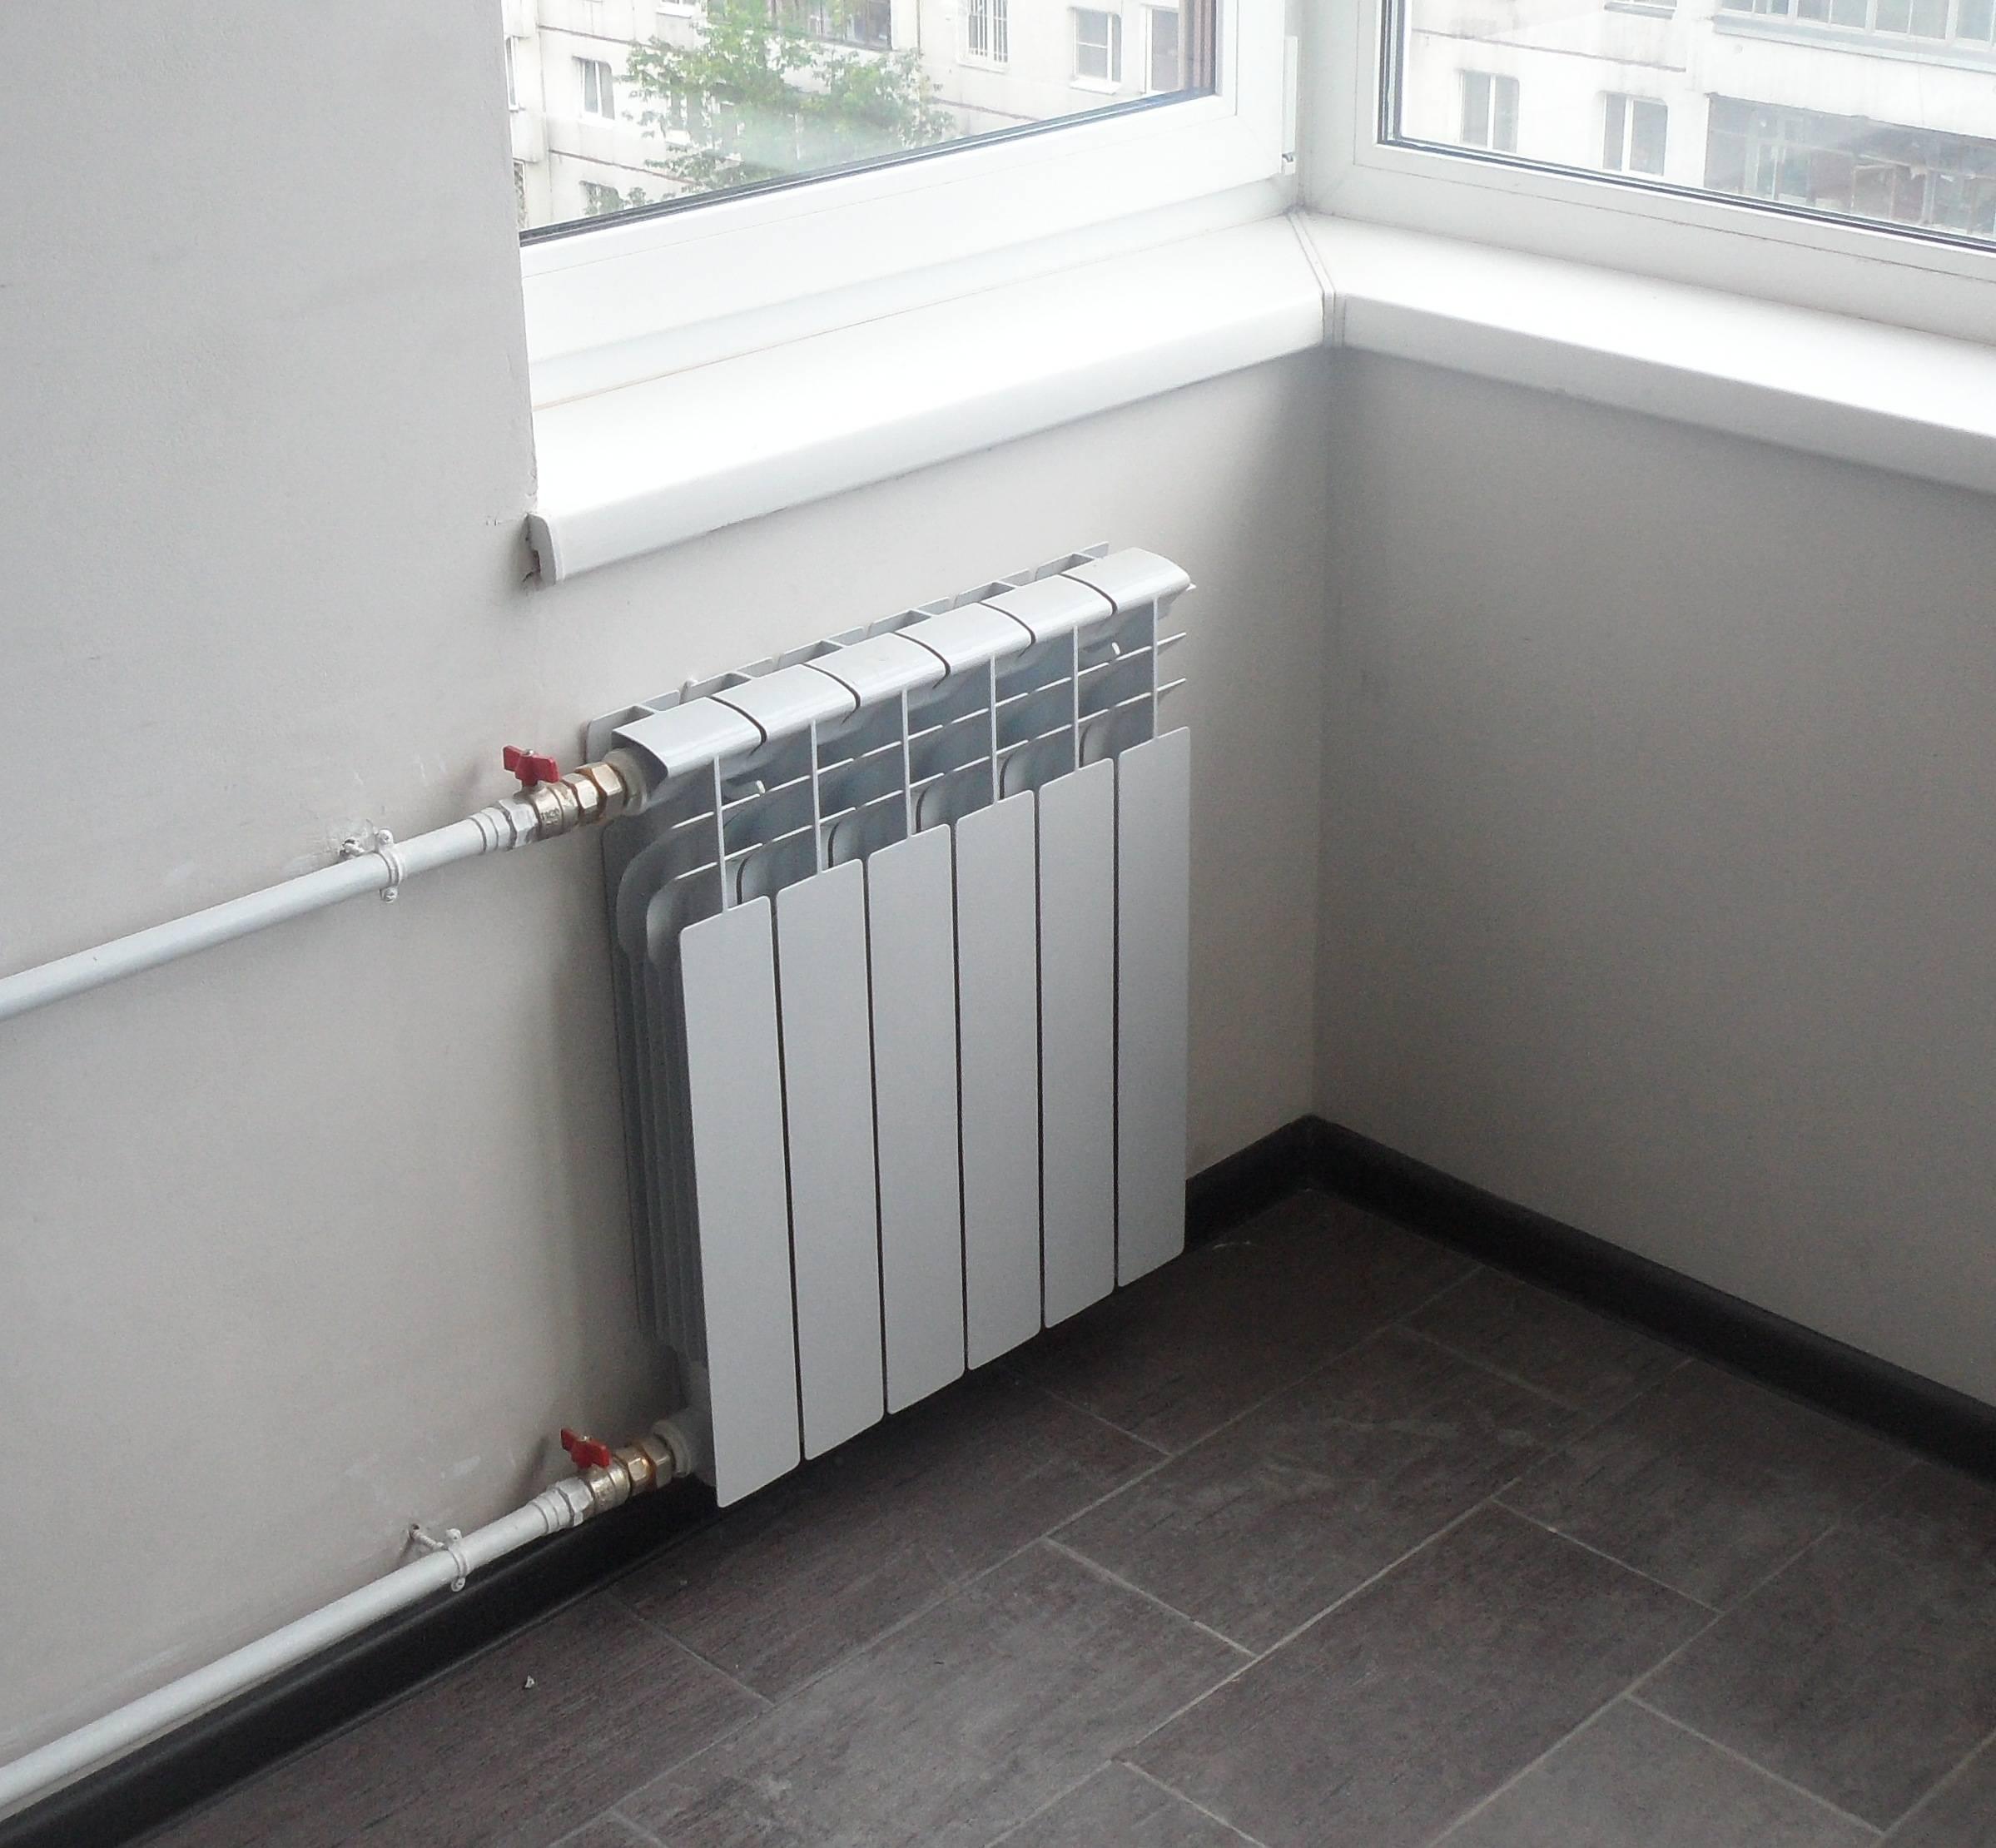 Замена батарей отопления в квартире: как самостоятельно установить новые радиаторы